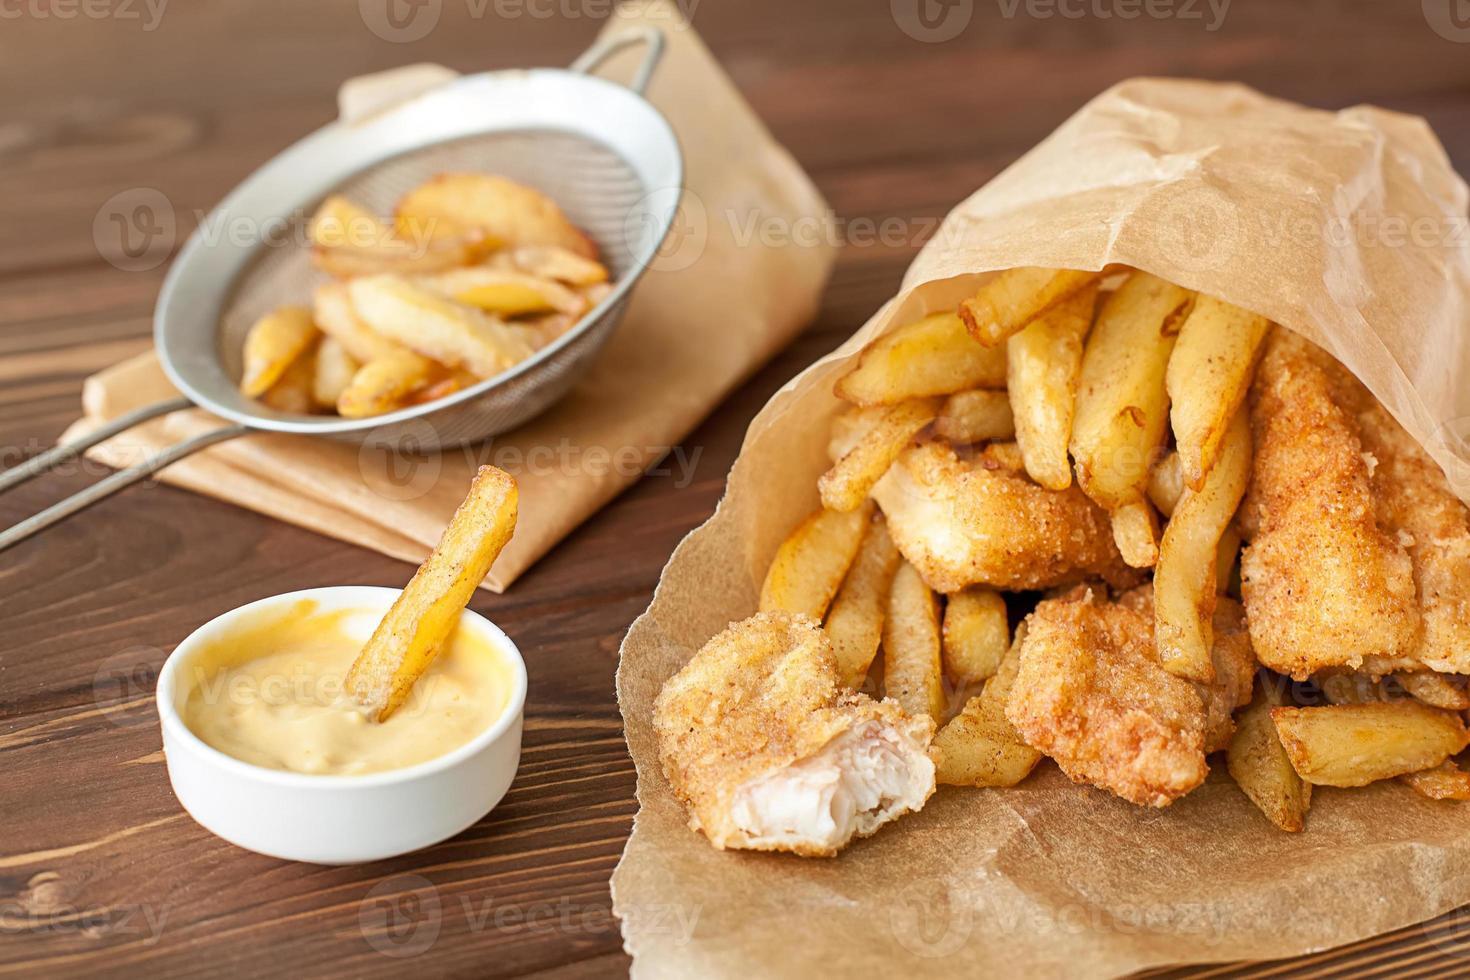 pescado y papas fritas comida rápida foto